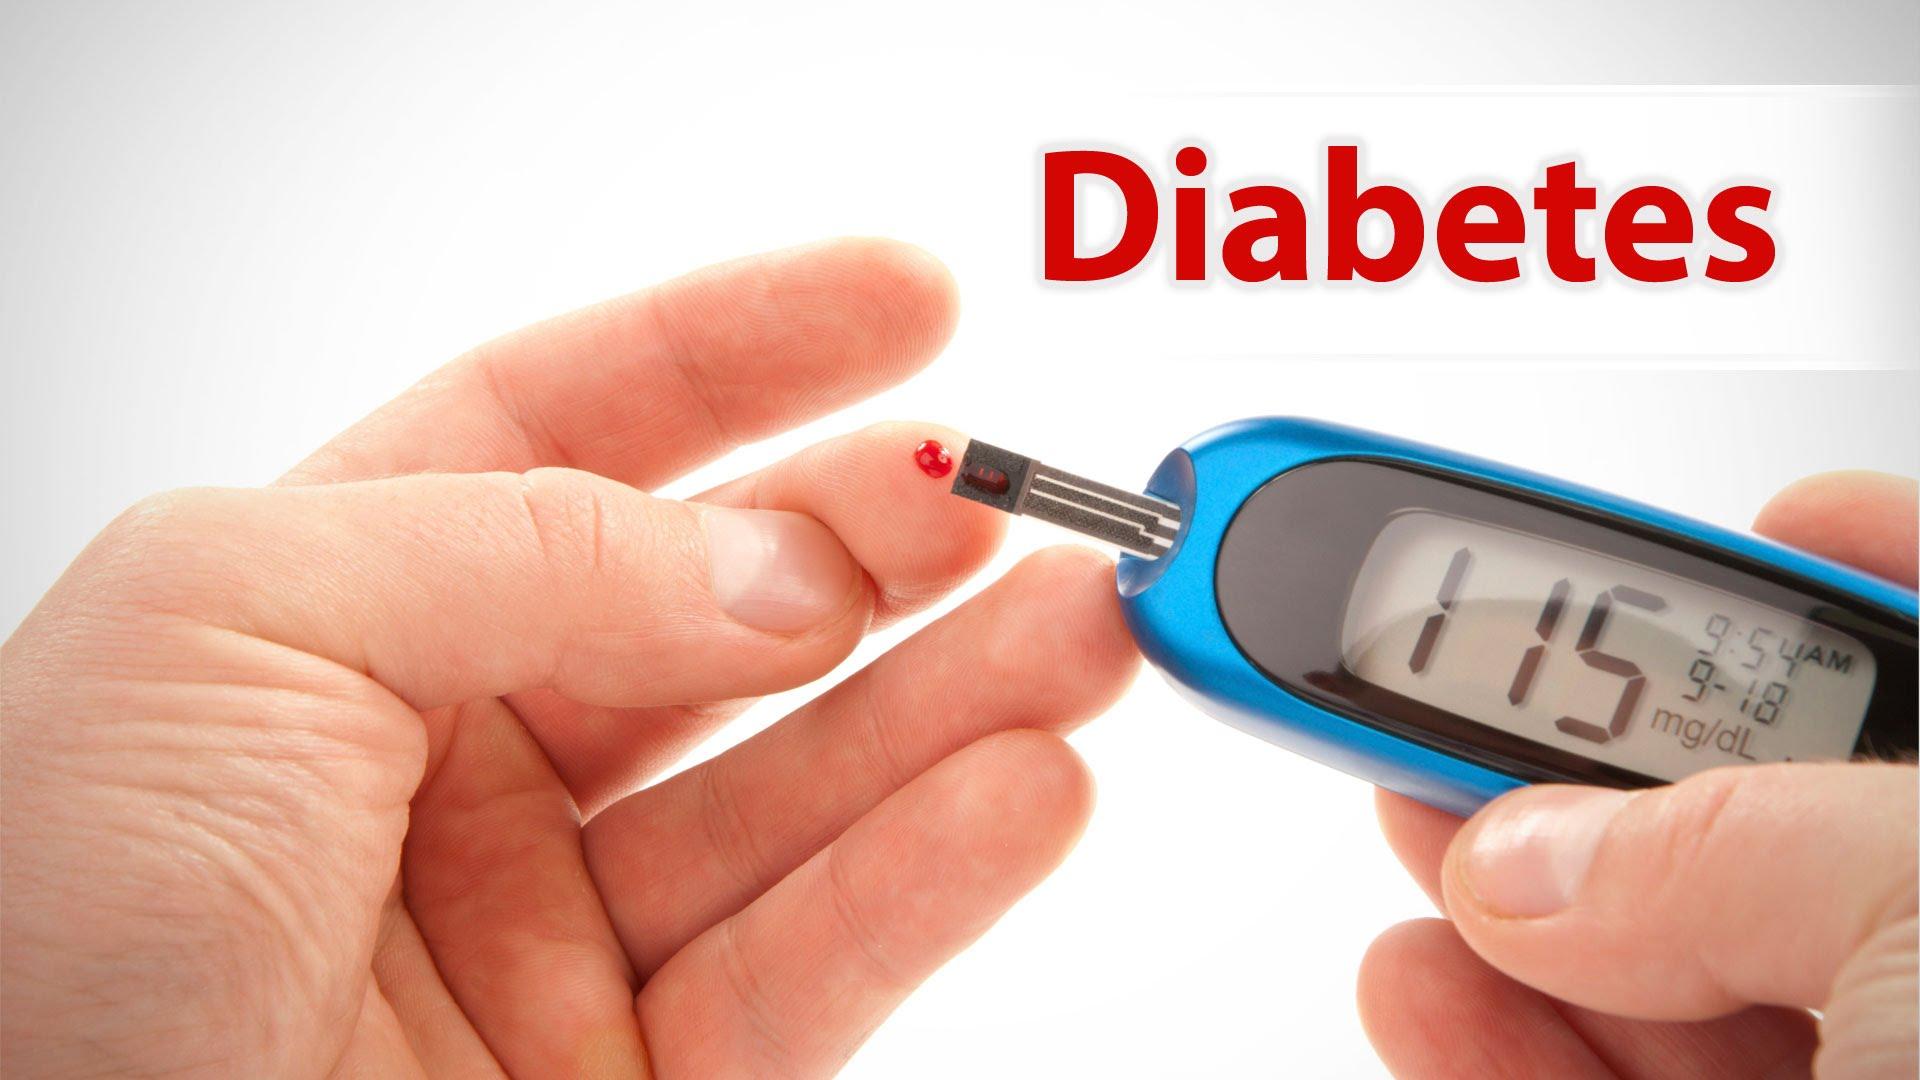 کھیرا ذیابیطس کو کنٹرول کرنے میں بھی اہم کردار ادا کرتا ہے